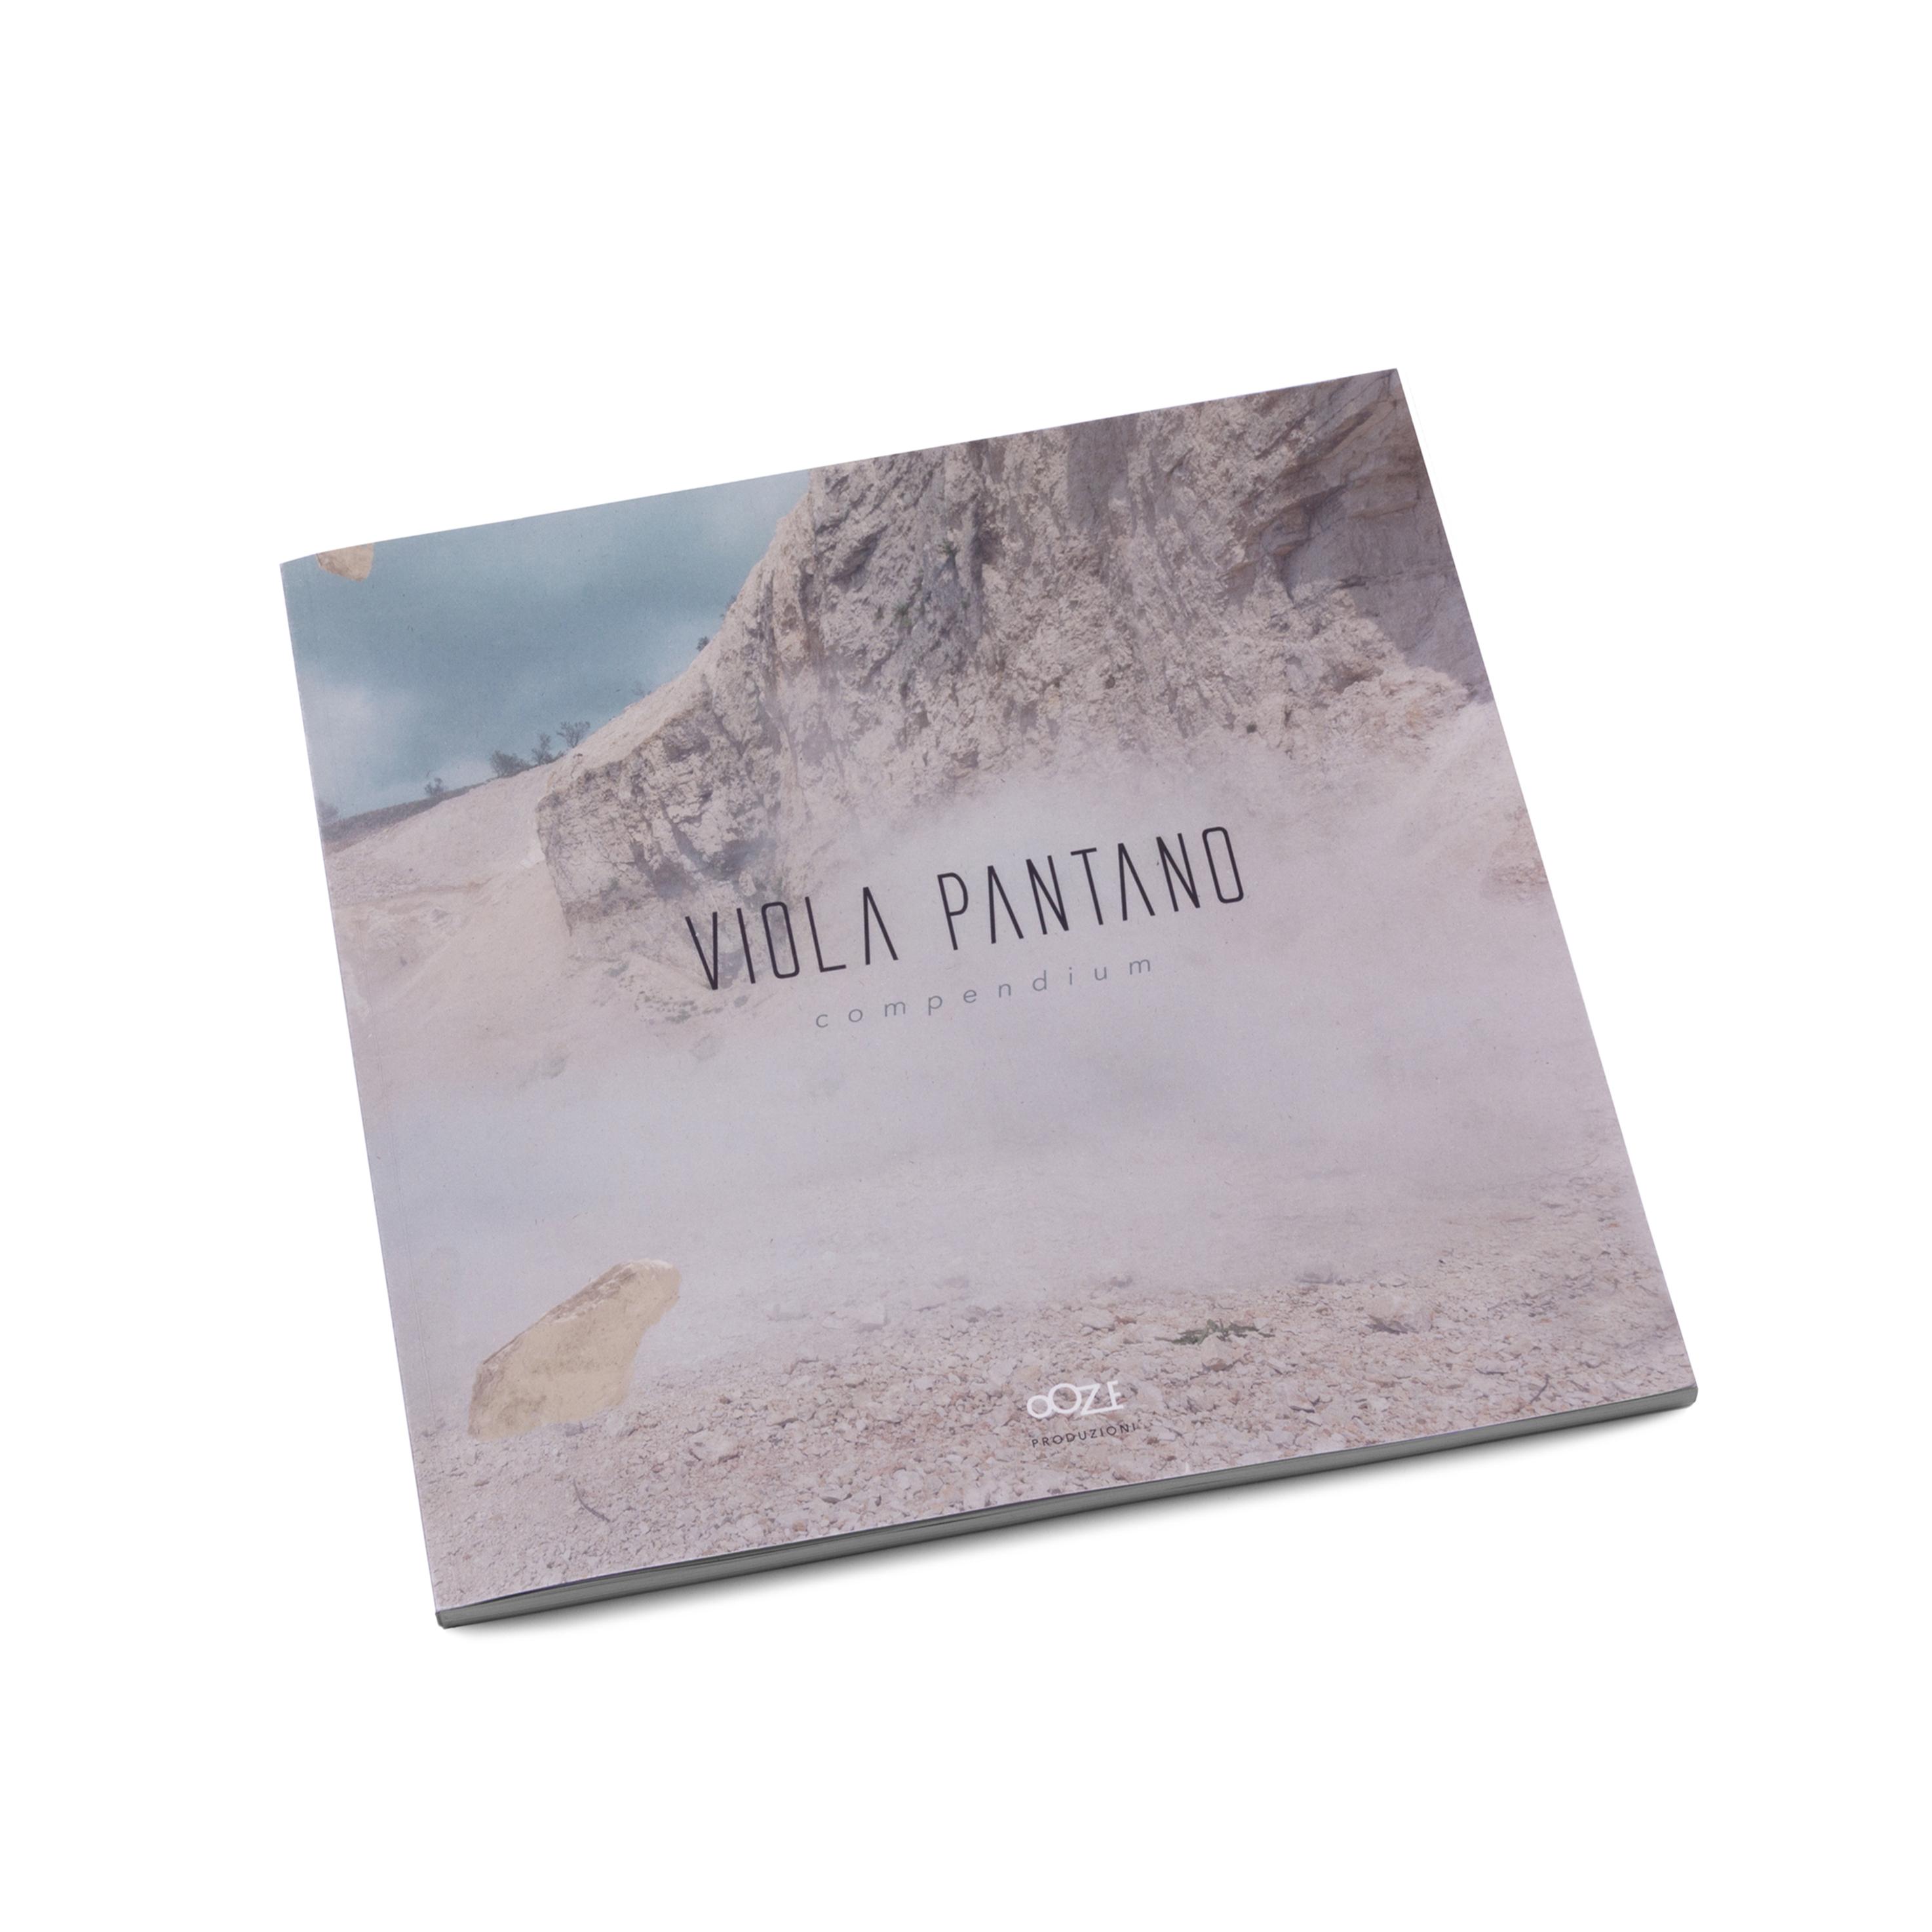 029_Viola Pantano 2018 (high)